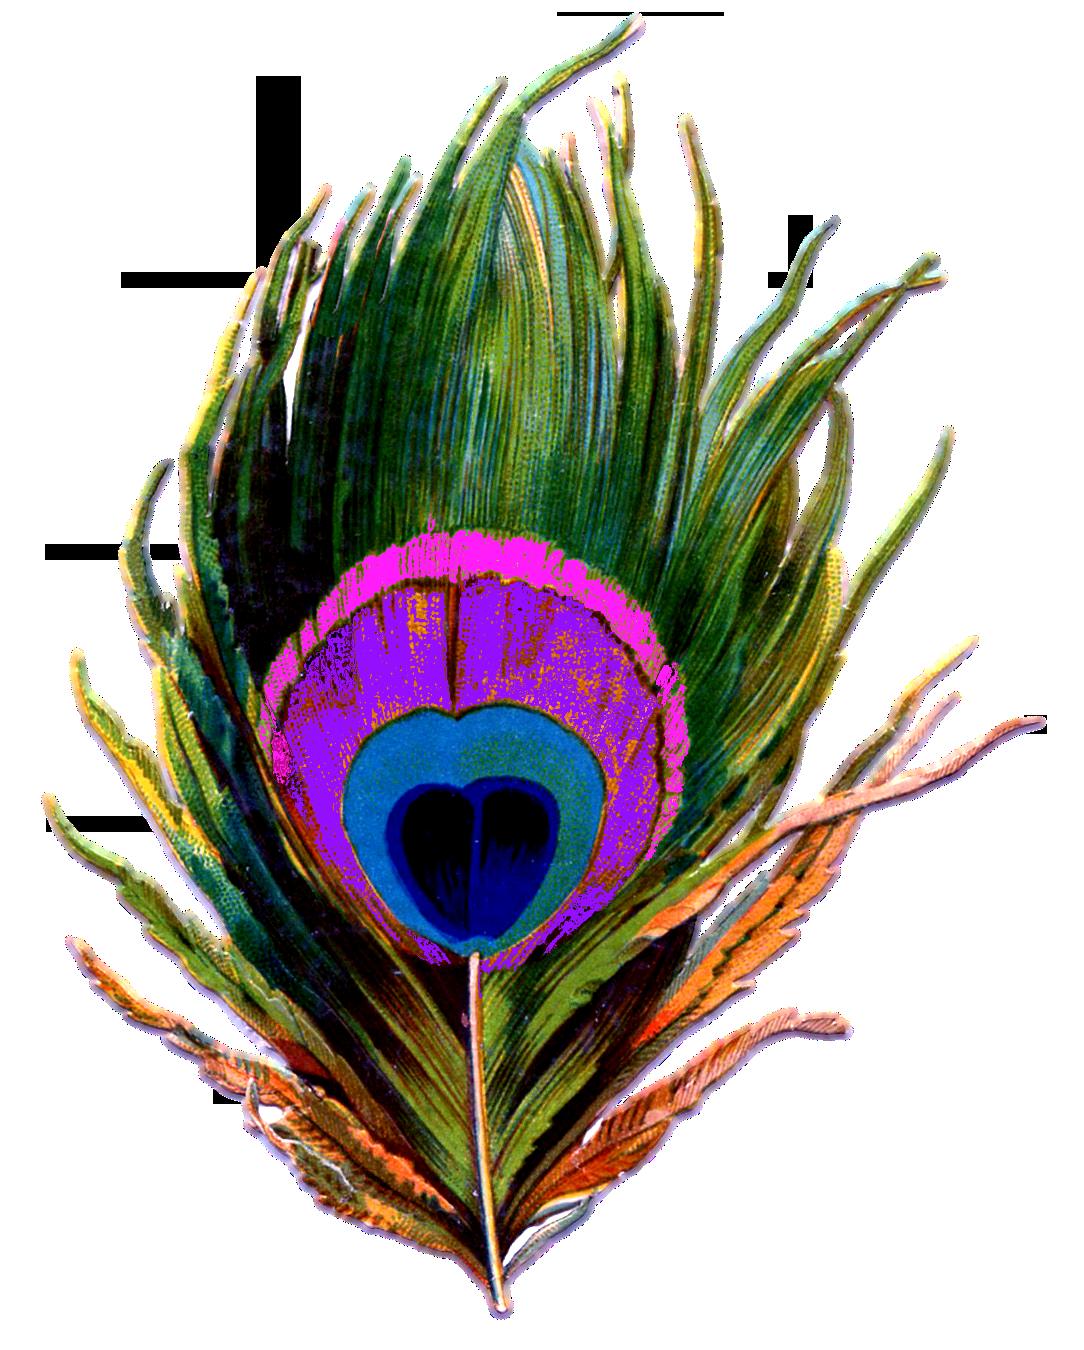 peacock clipart green peacock